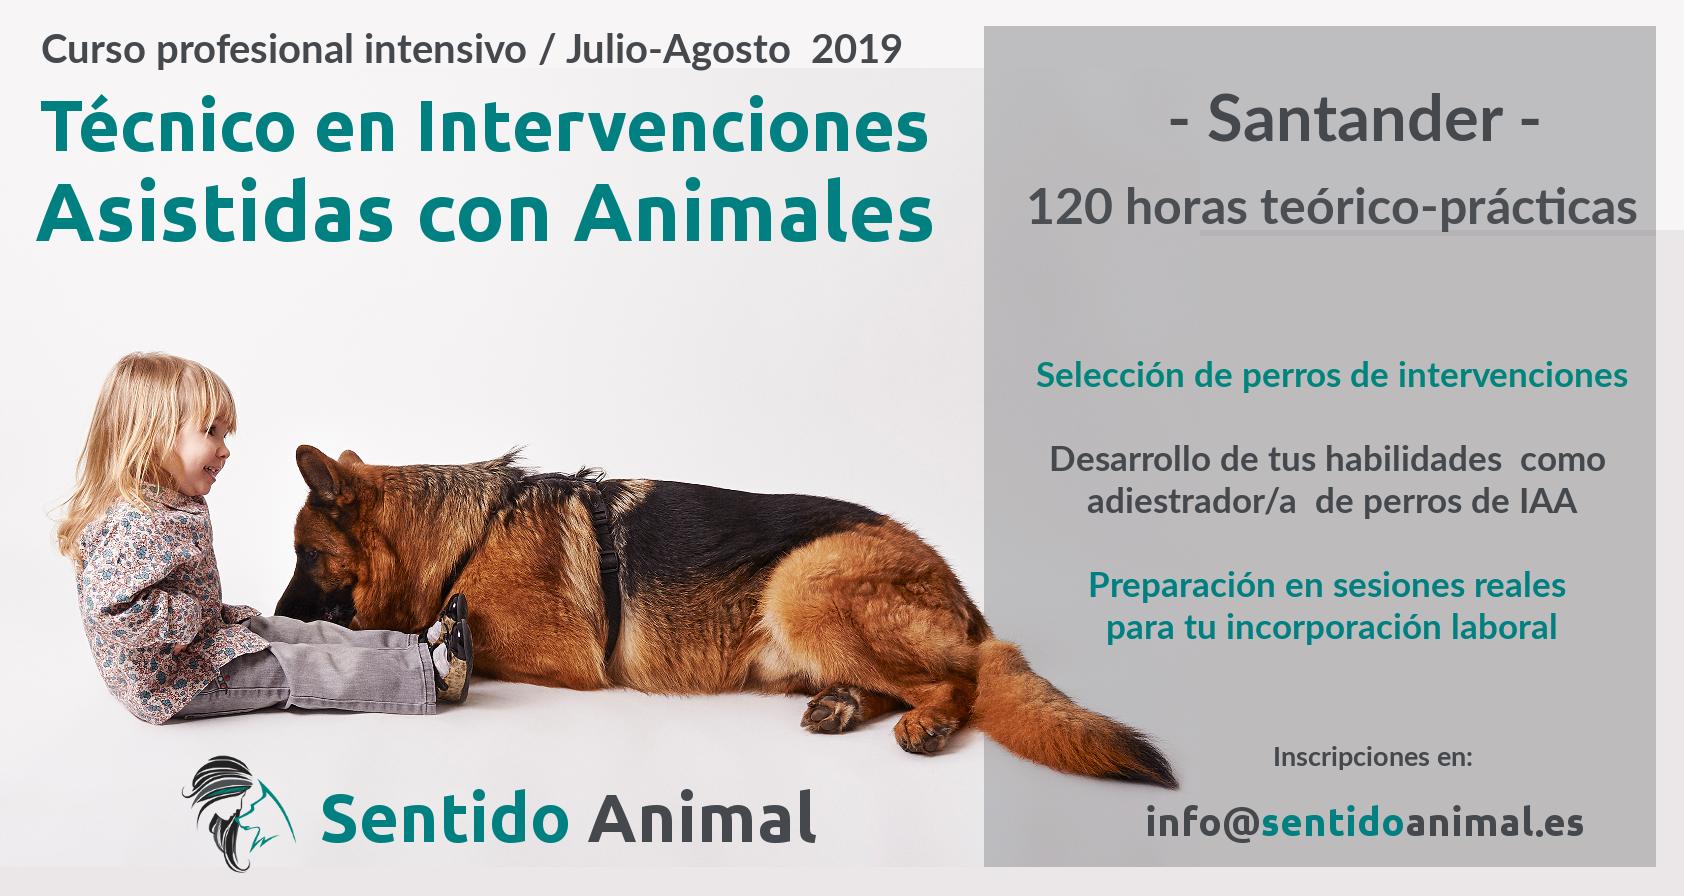 Curso intensivo de técnico en intervenciones asistidas con animales – Santander 2019